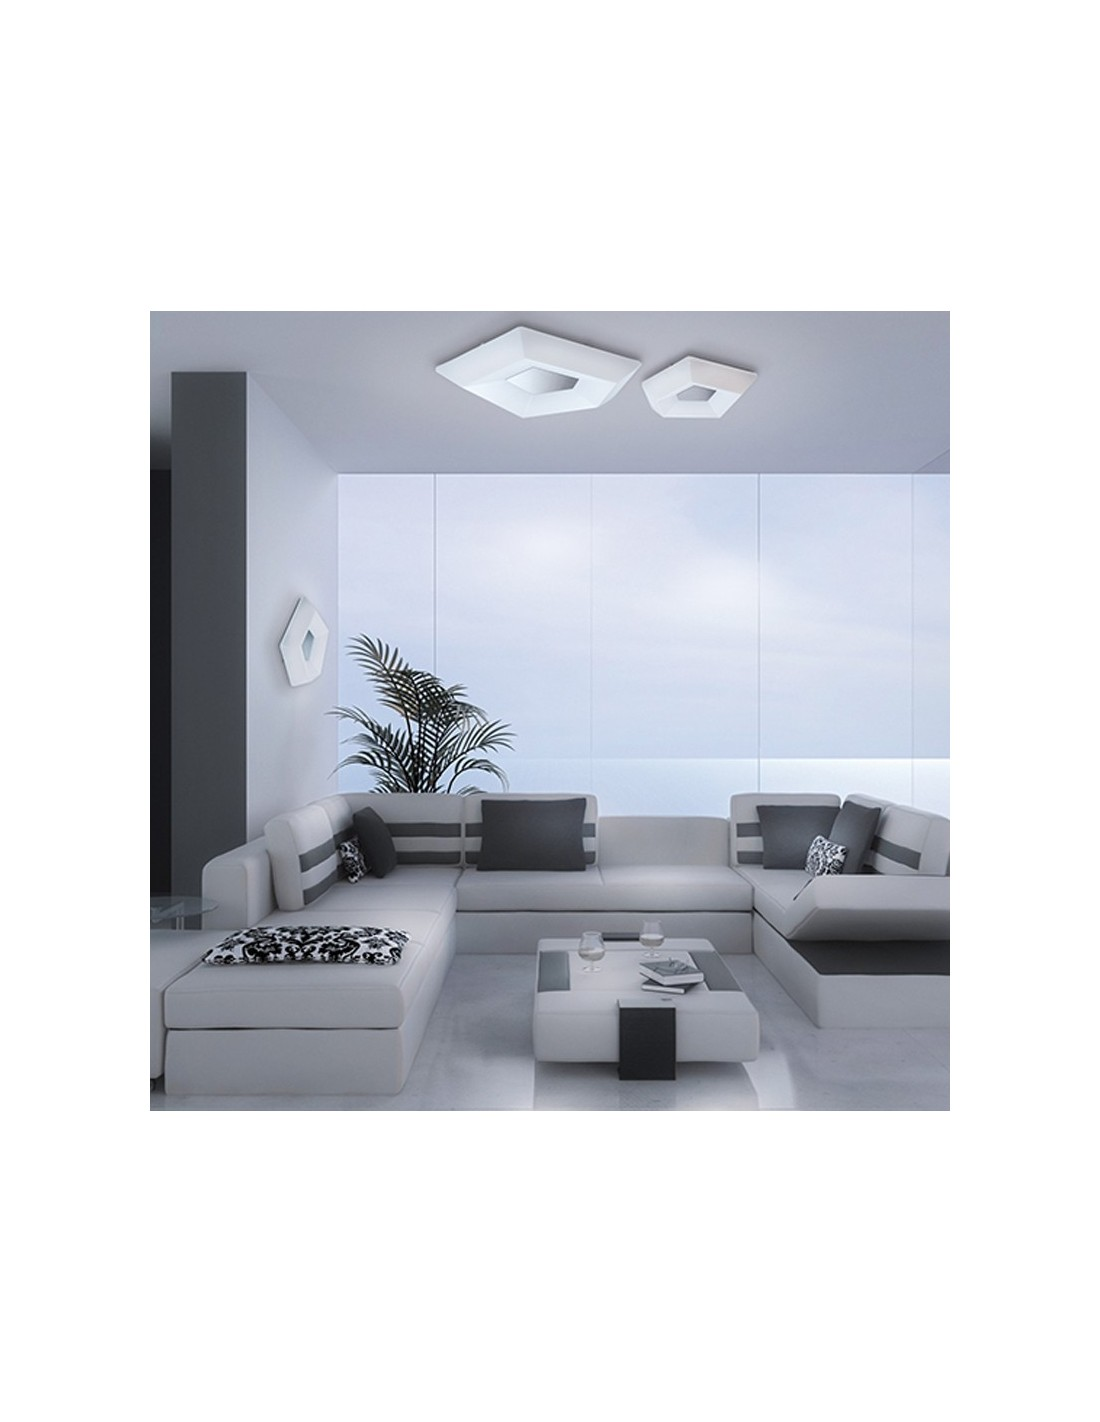 Plaf n de techo moderno led de superficie serie city 28w - Apliques techo led ...